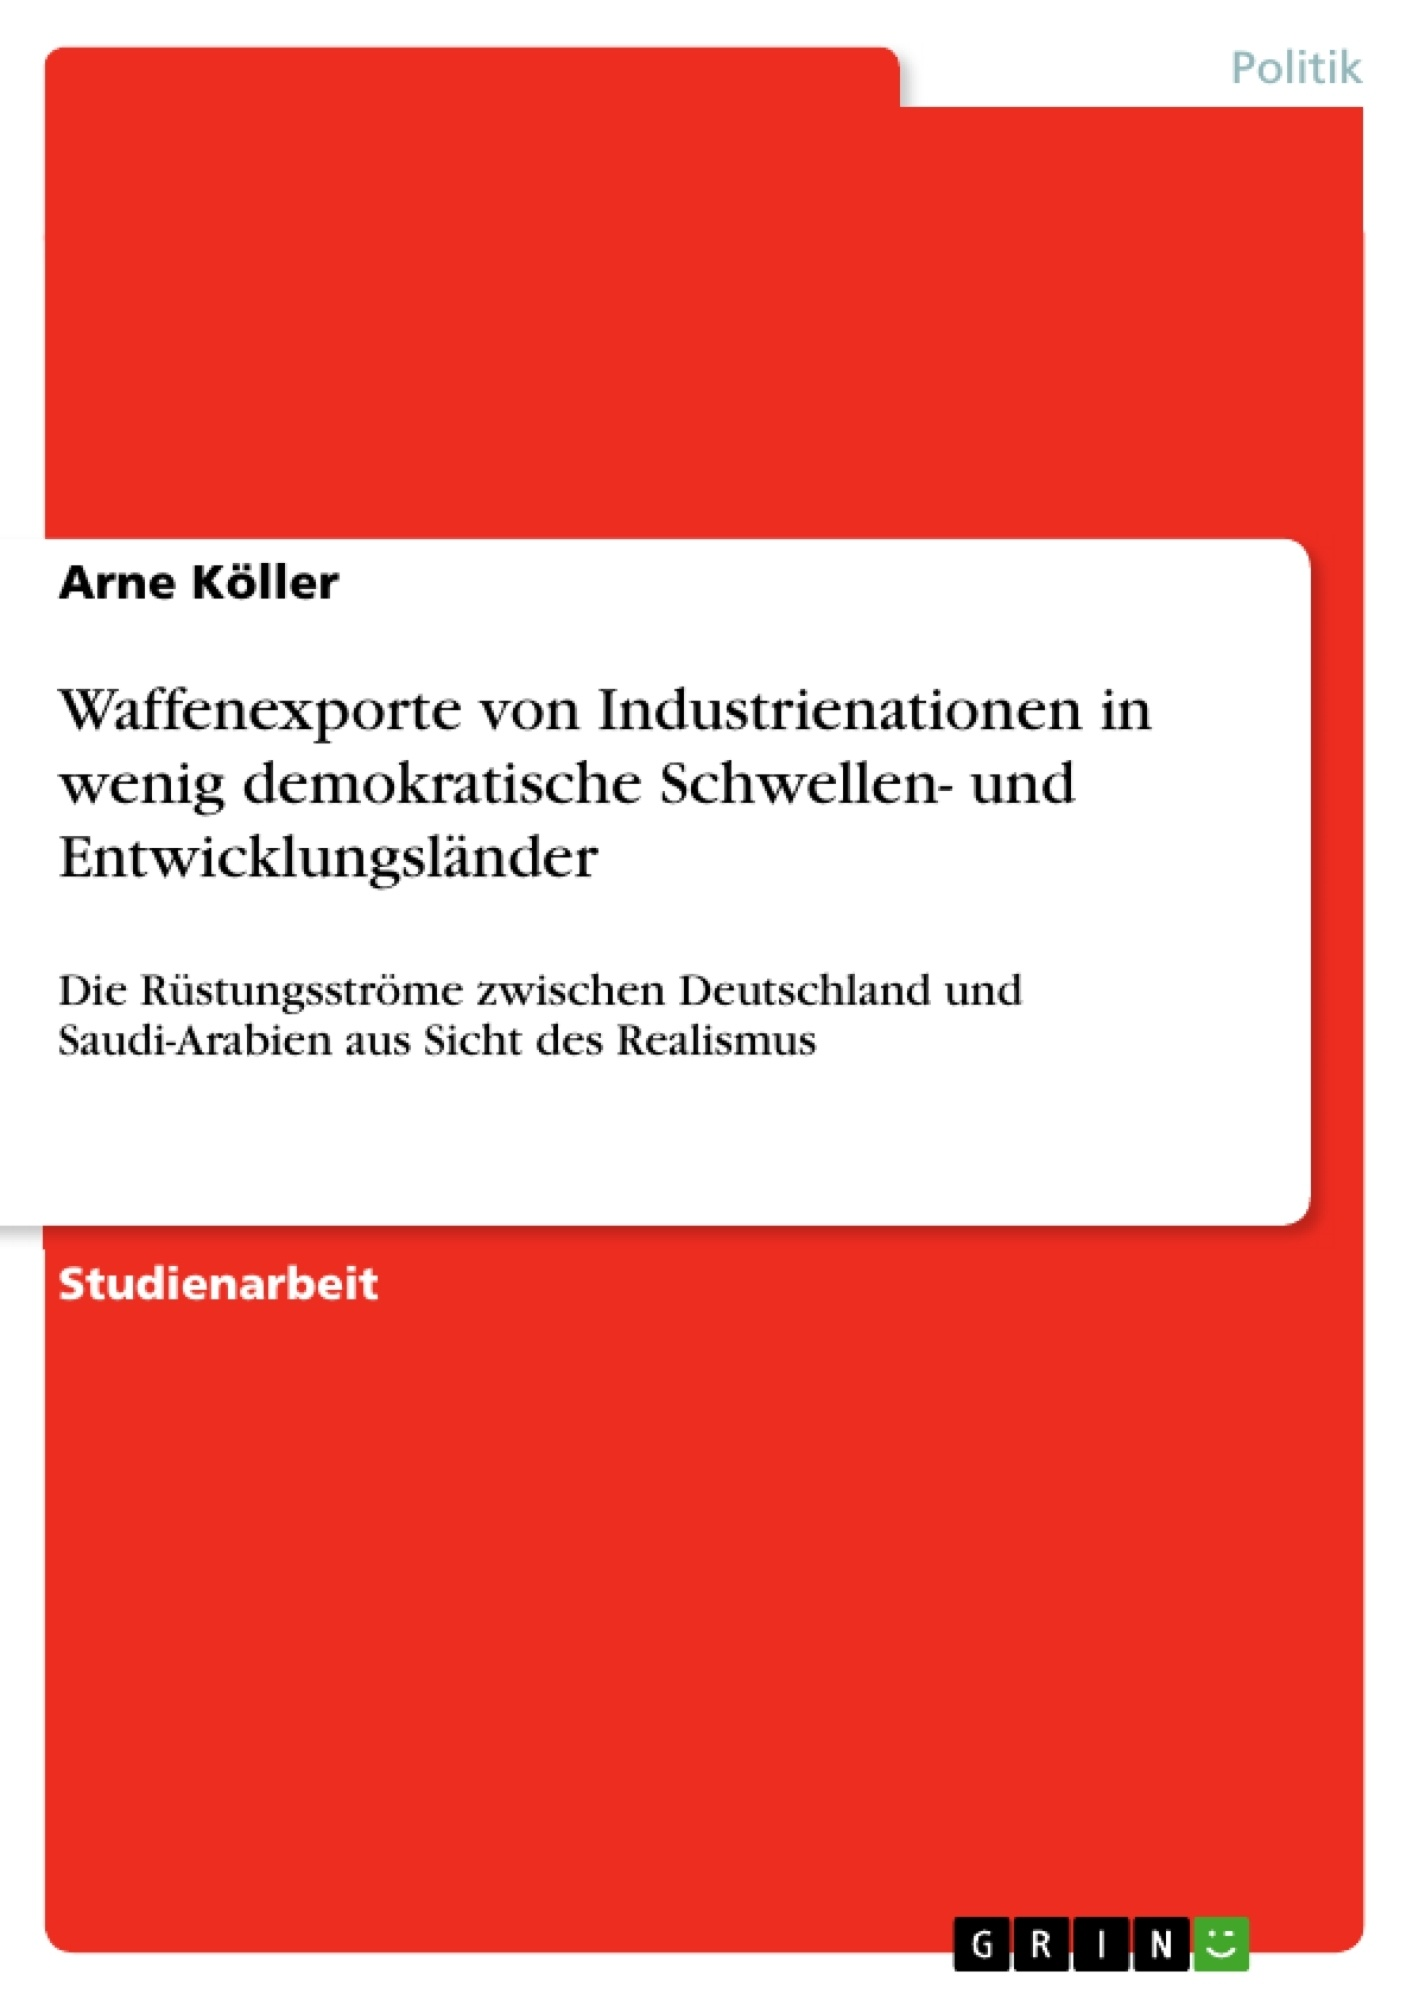 Titel: Waffenexporte von Industrienationen in wenig demokratische Schwellen- und Entwicklungsländer